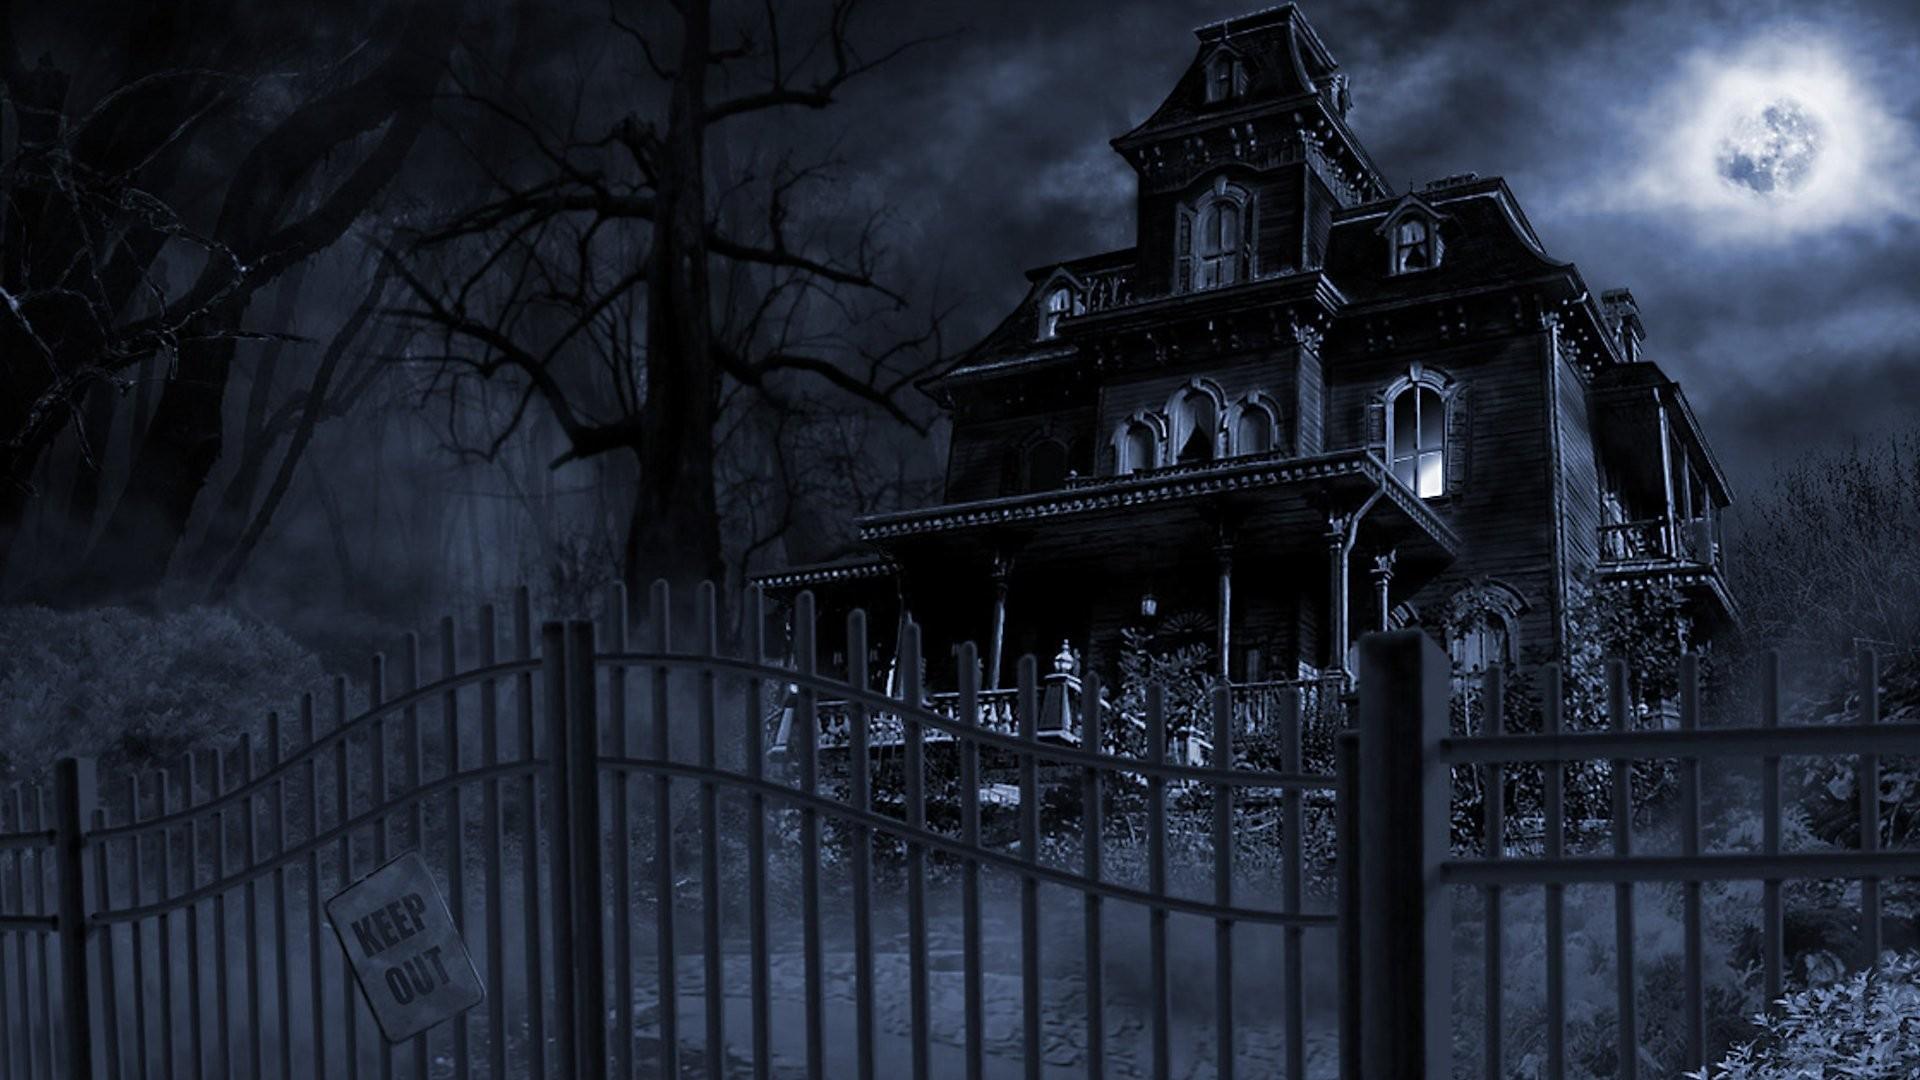 Spooky wallpapers | Dark Spooky Wallpaper/Background 1920 x 1080 – Id:  209828 –